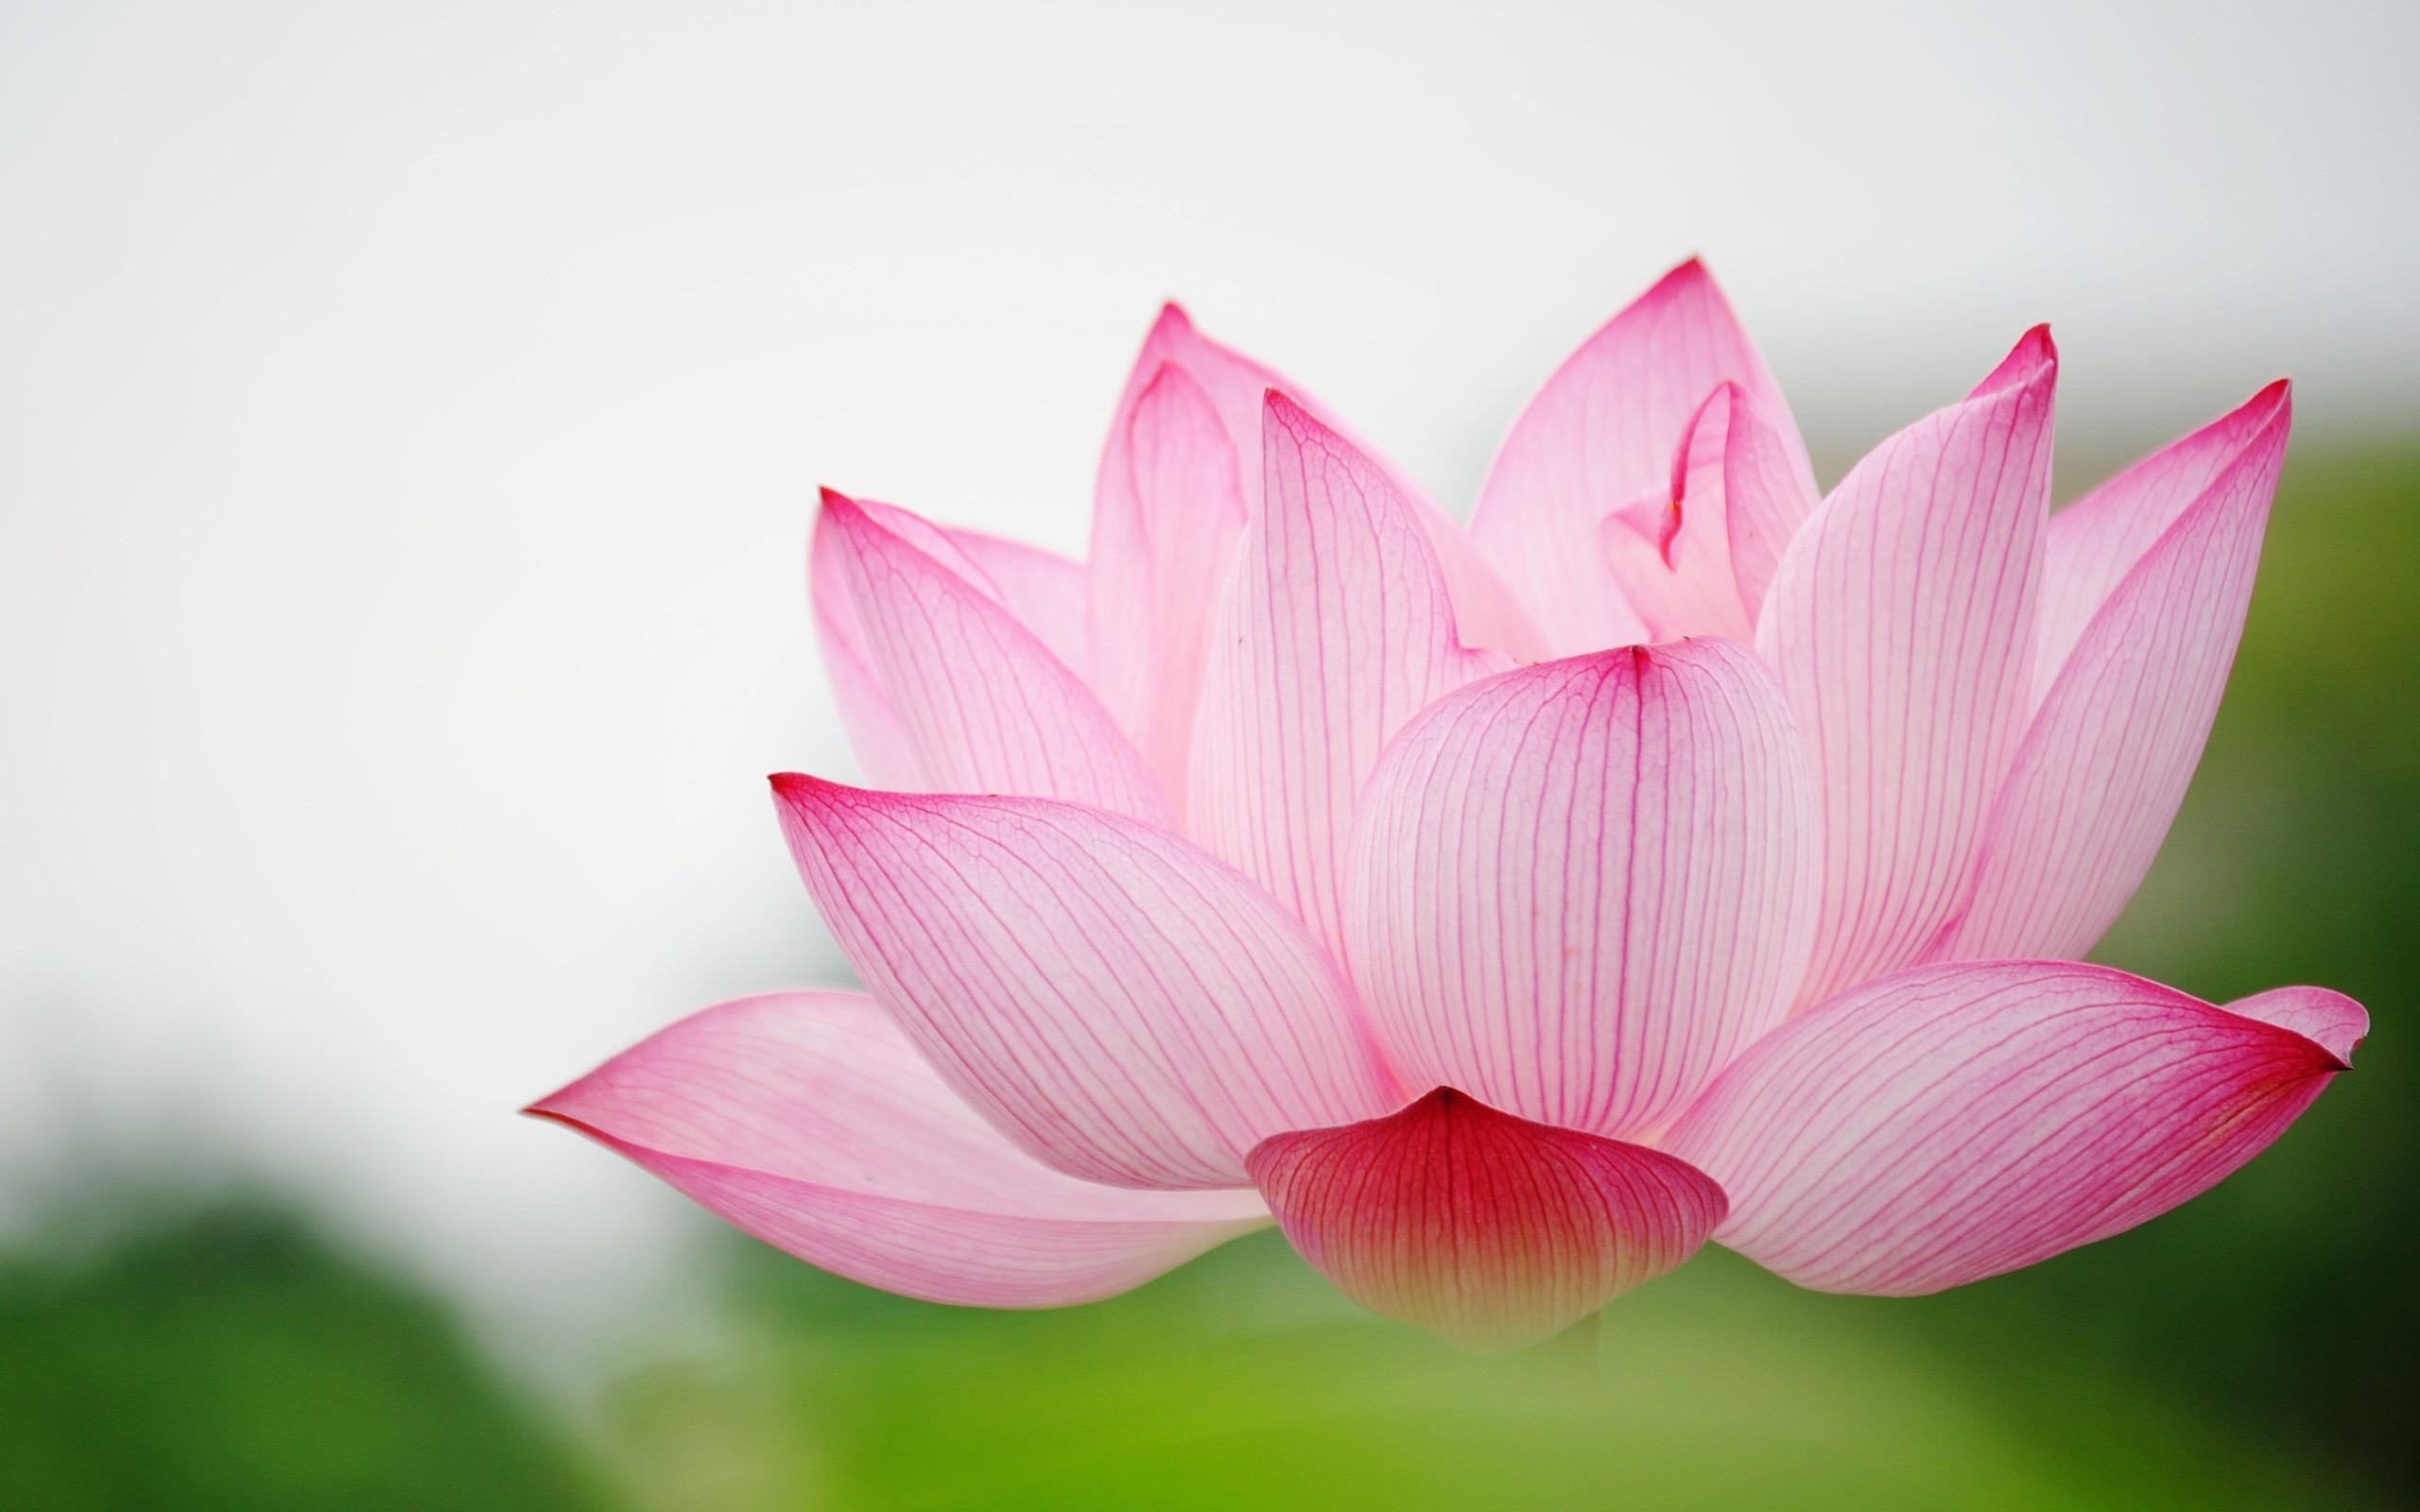 tải hình nền hoa sen